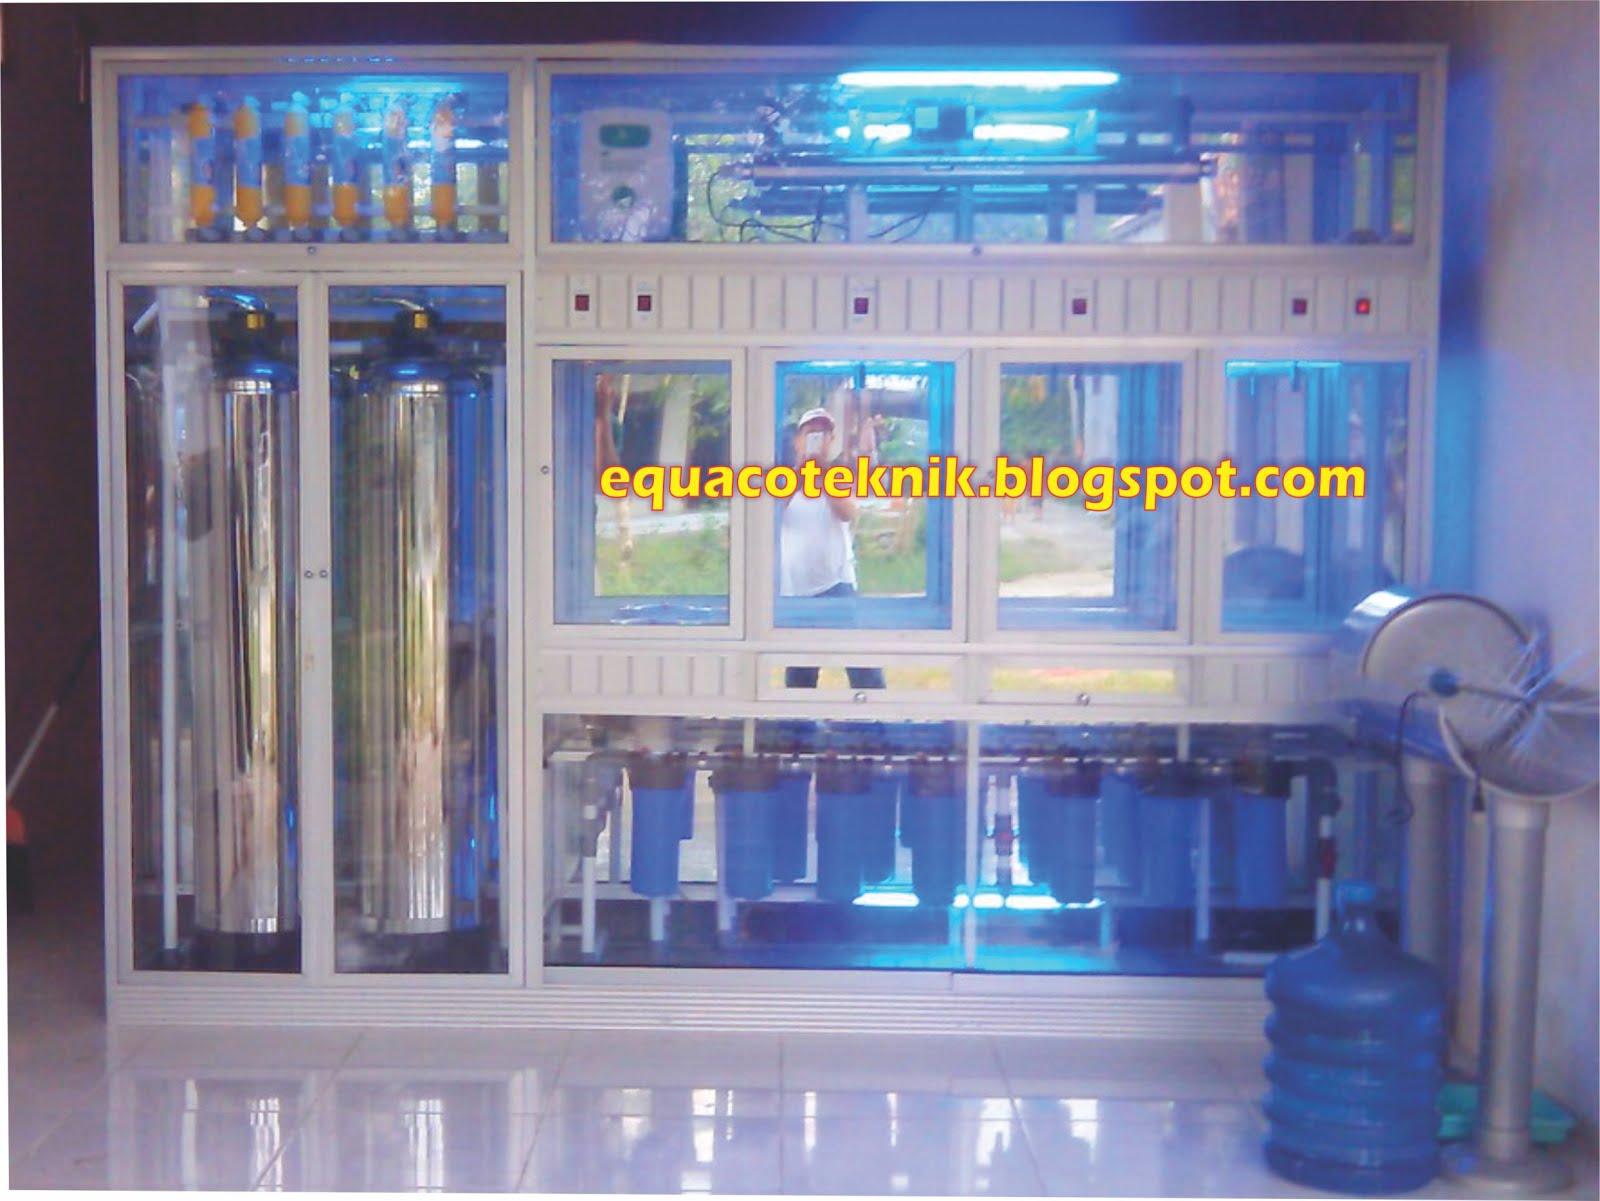 harga mesin depot air minum isi ulang